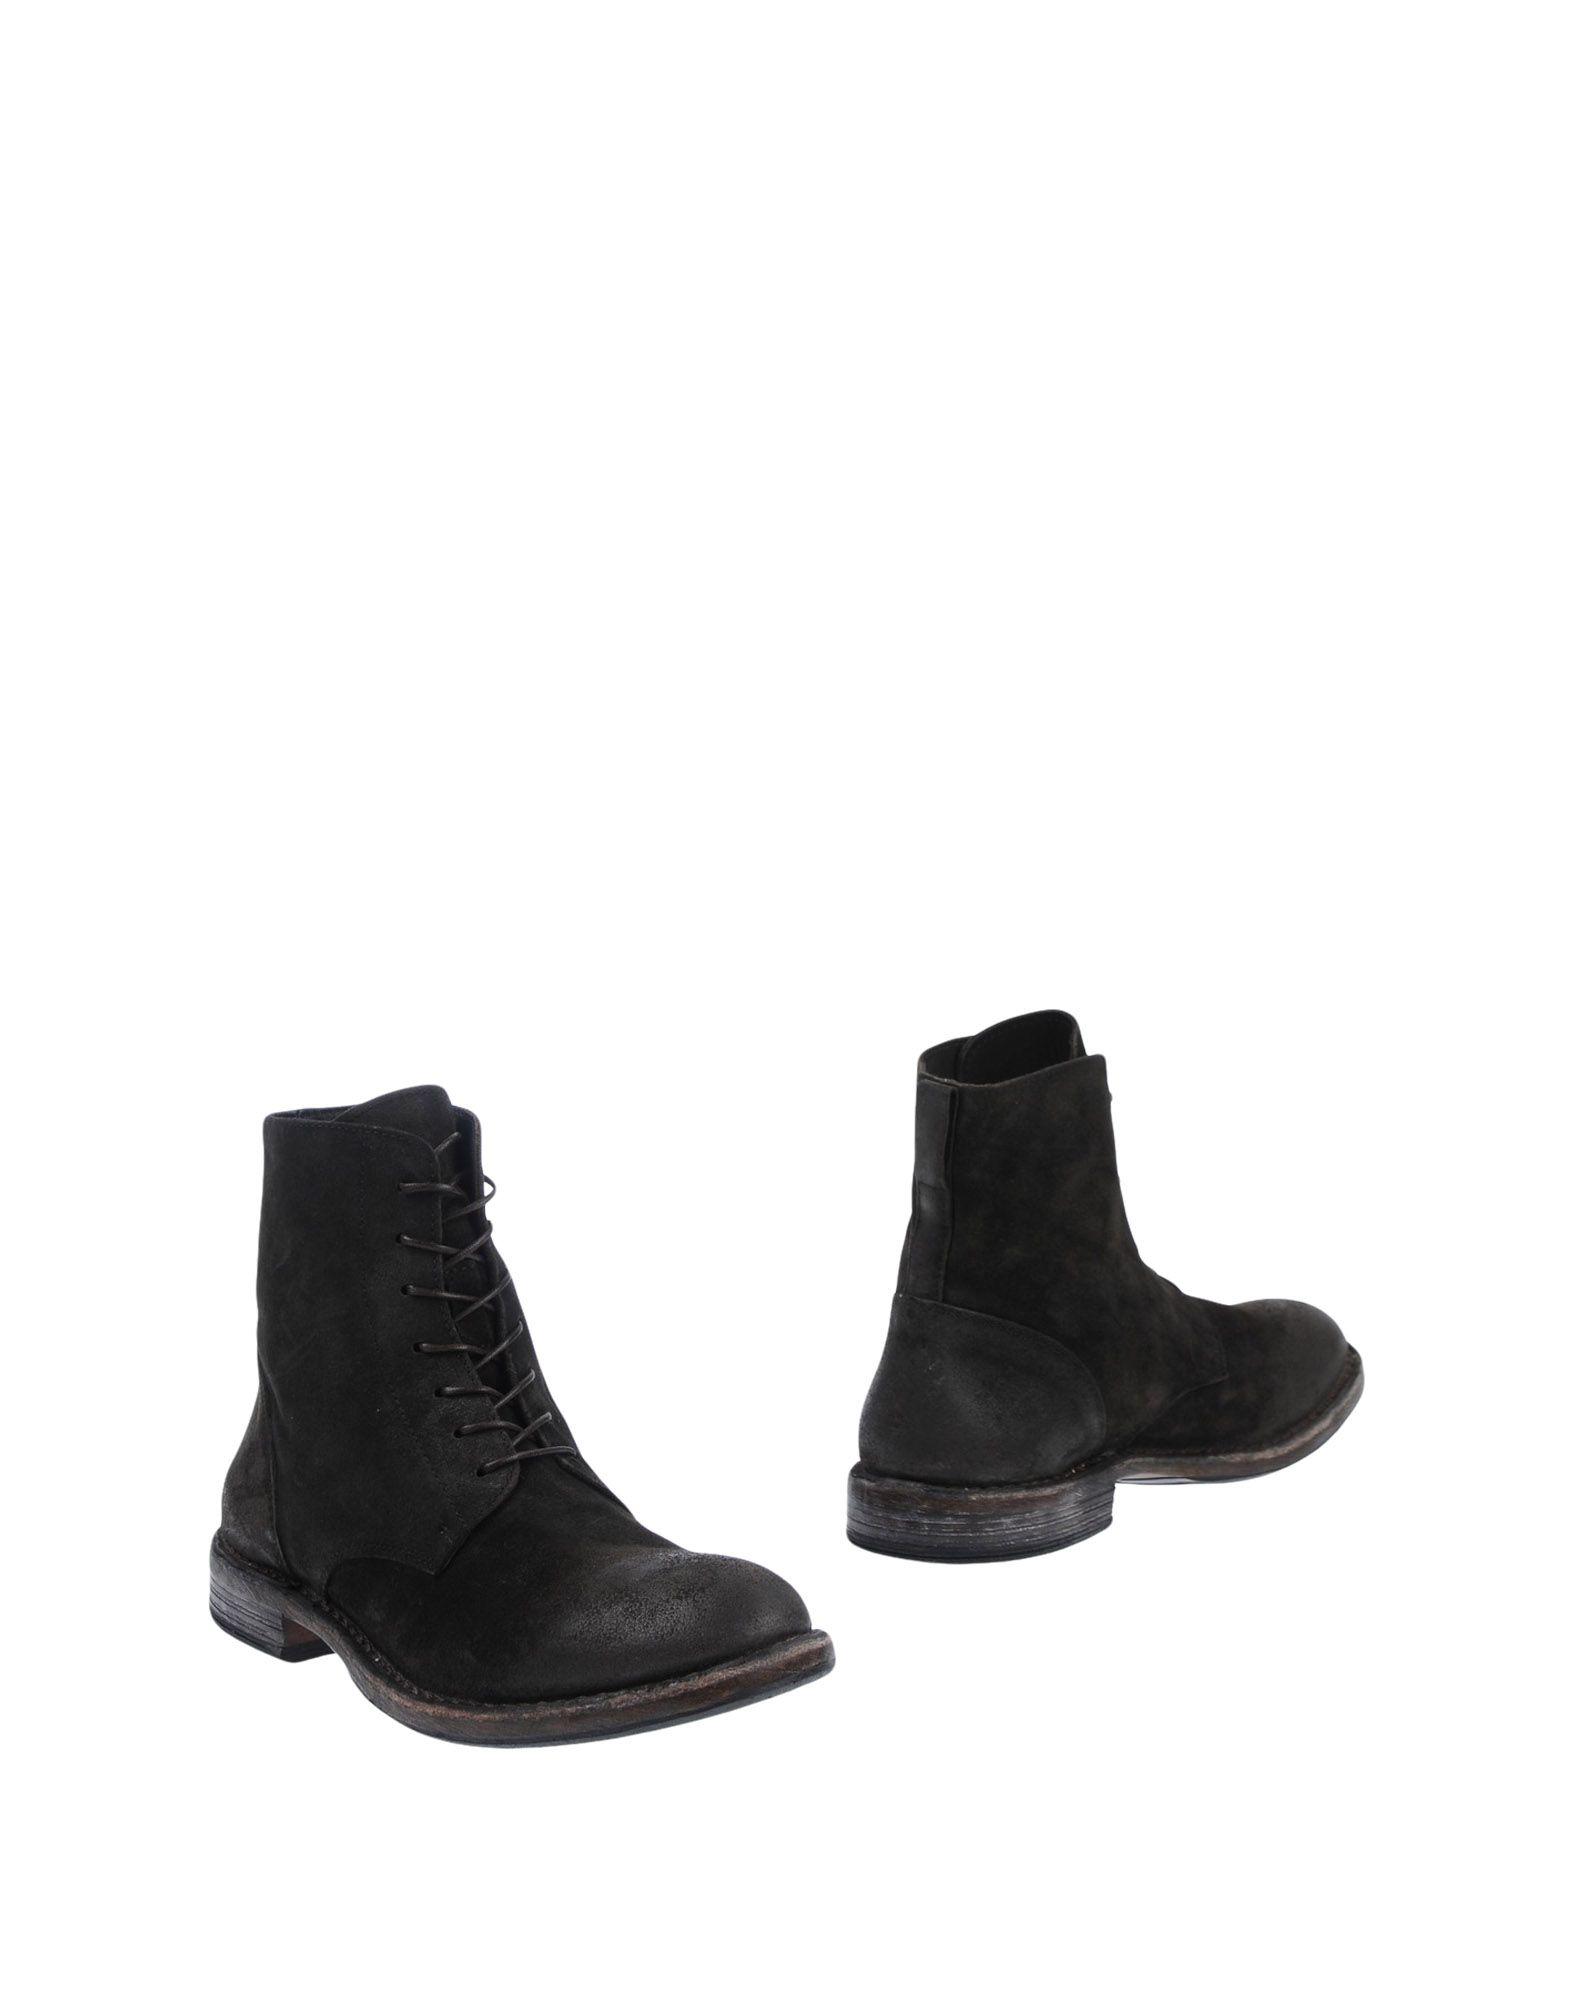 Moma Stiefelette Gute Herren  11508718JT Gute Stiefelette Qualität beliebte Schuhe d4e485